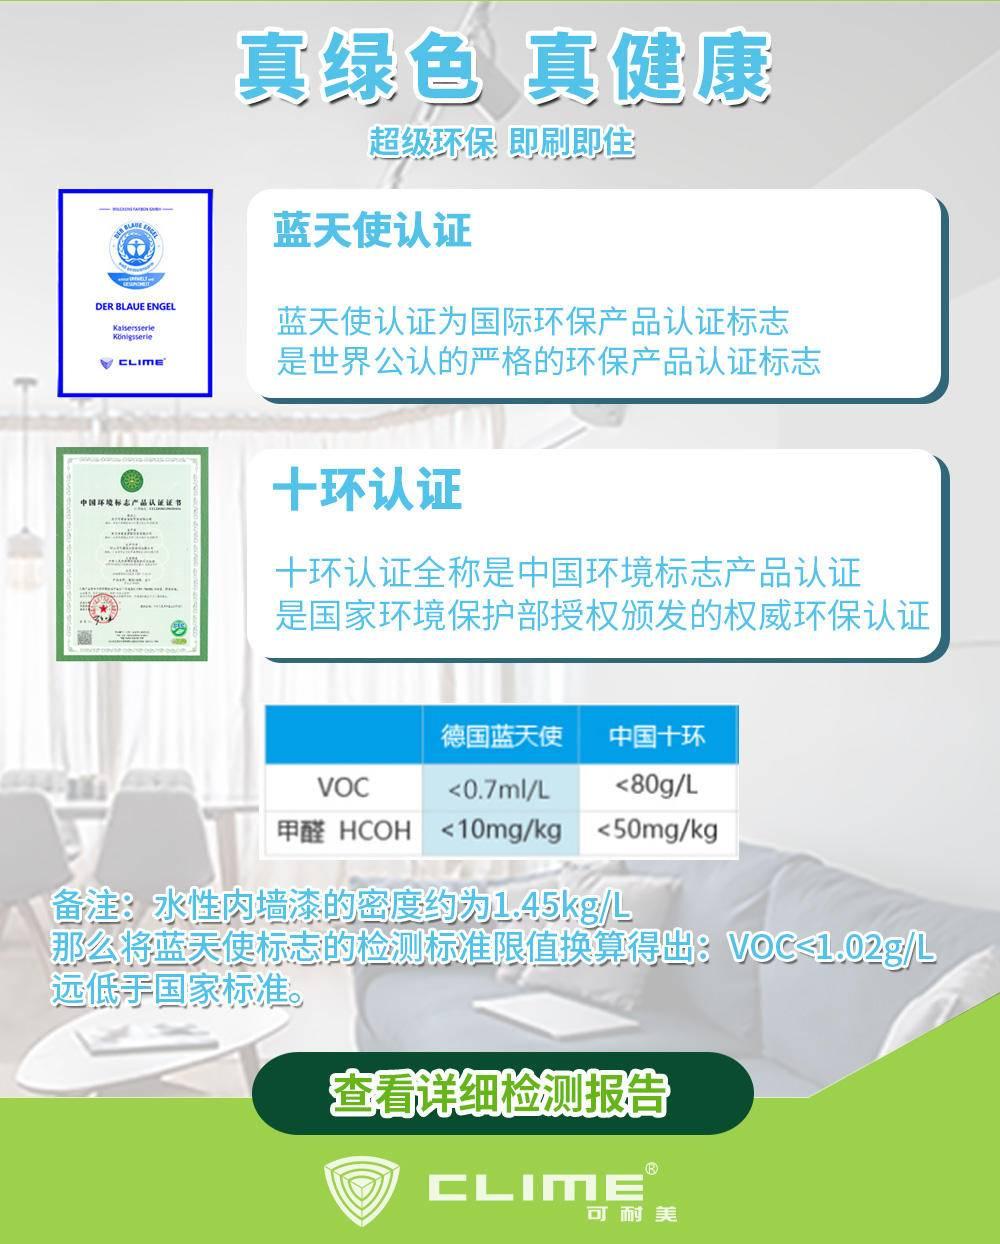 公司詳情頁_05.jpg